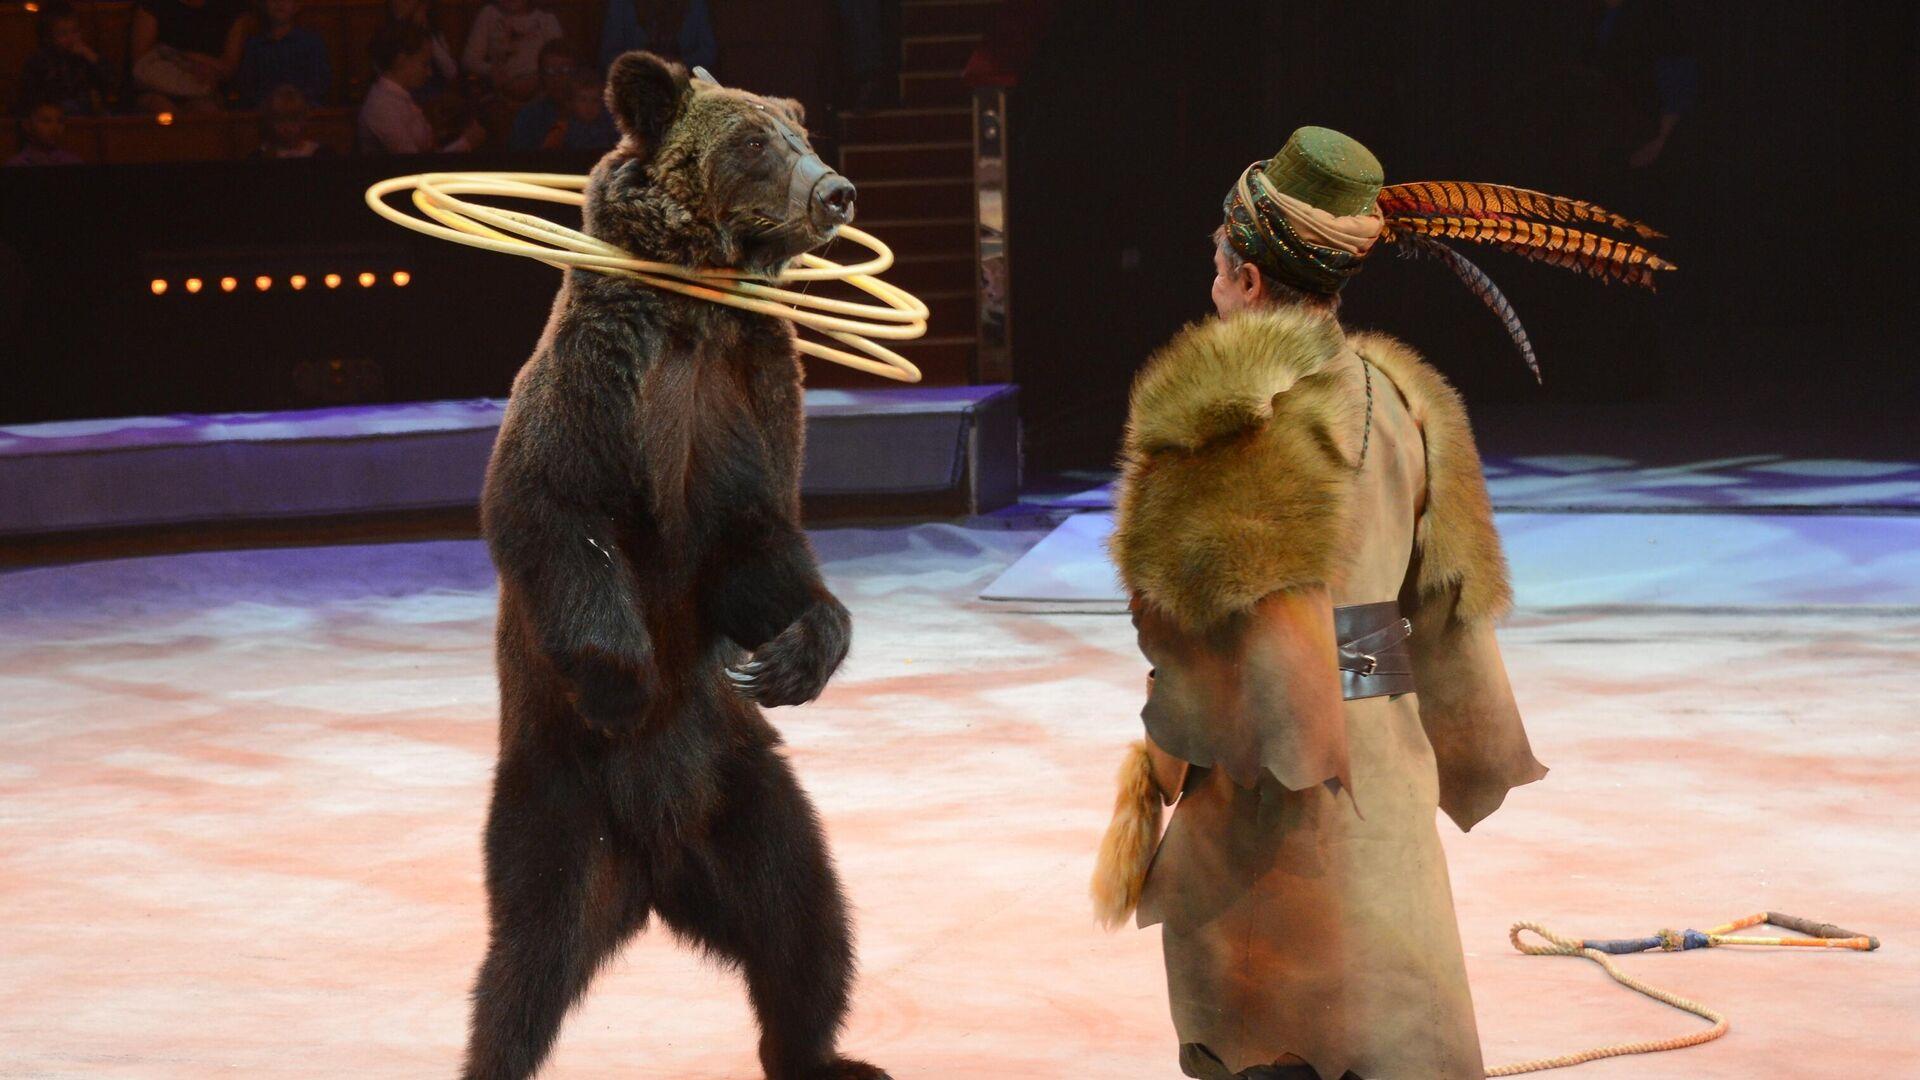 Премьера нового шоу Цирка братьев Запашных - РИА Новости, 1920, 11.01.2021